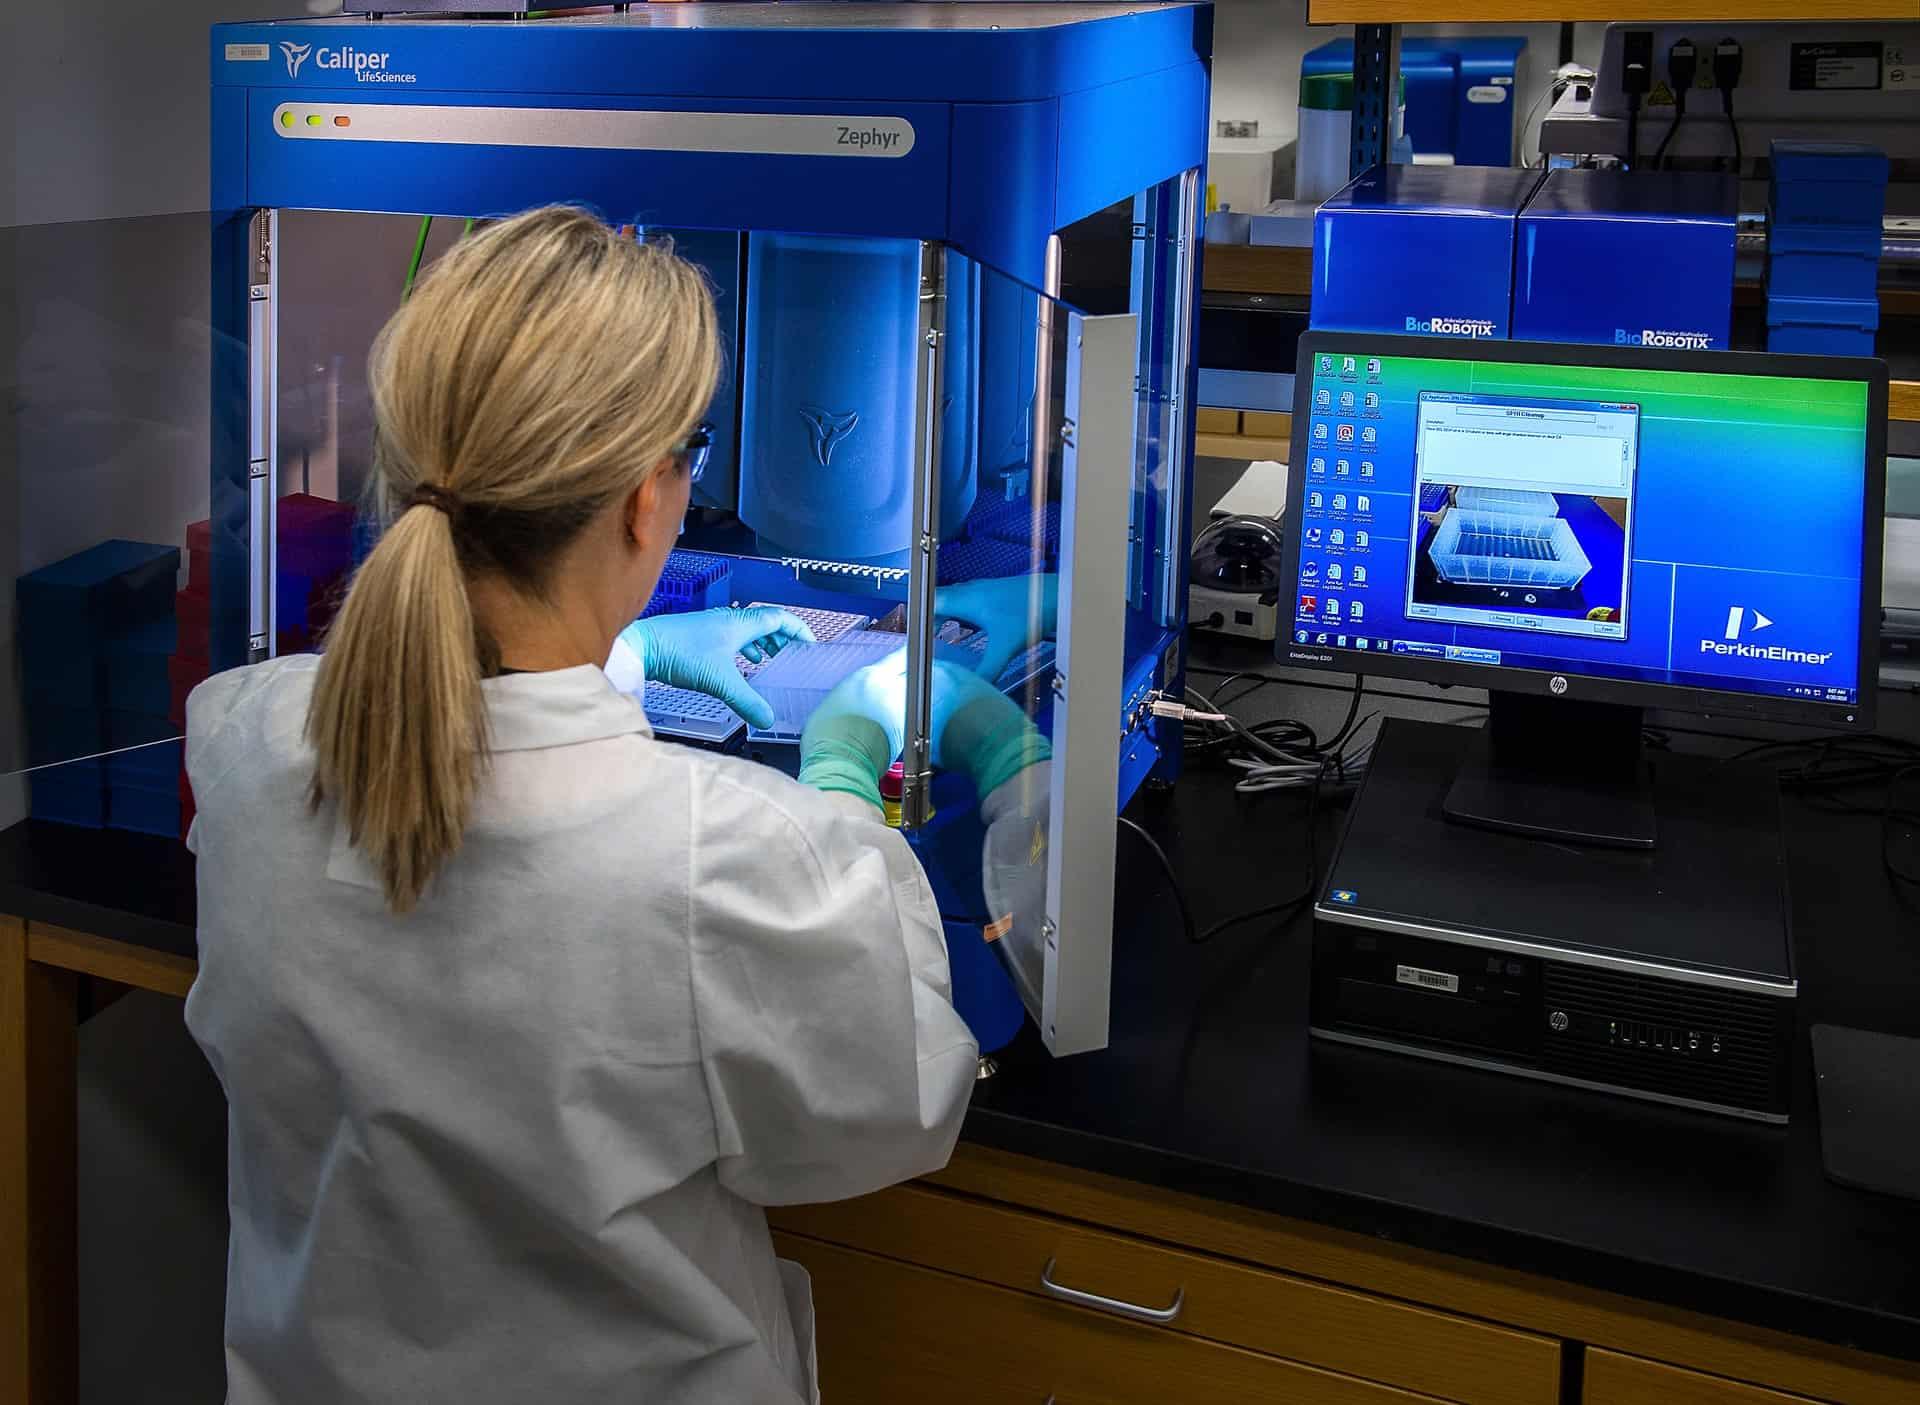 أداة ذكاء اصطناعي للتنبؤ بالأعراض الخطيرة لفيروس كورونا